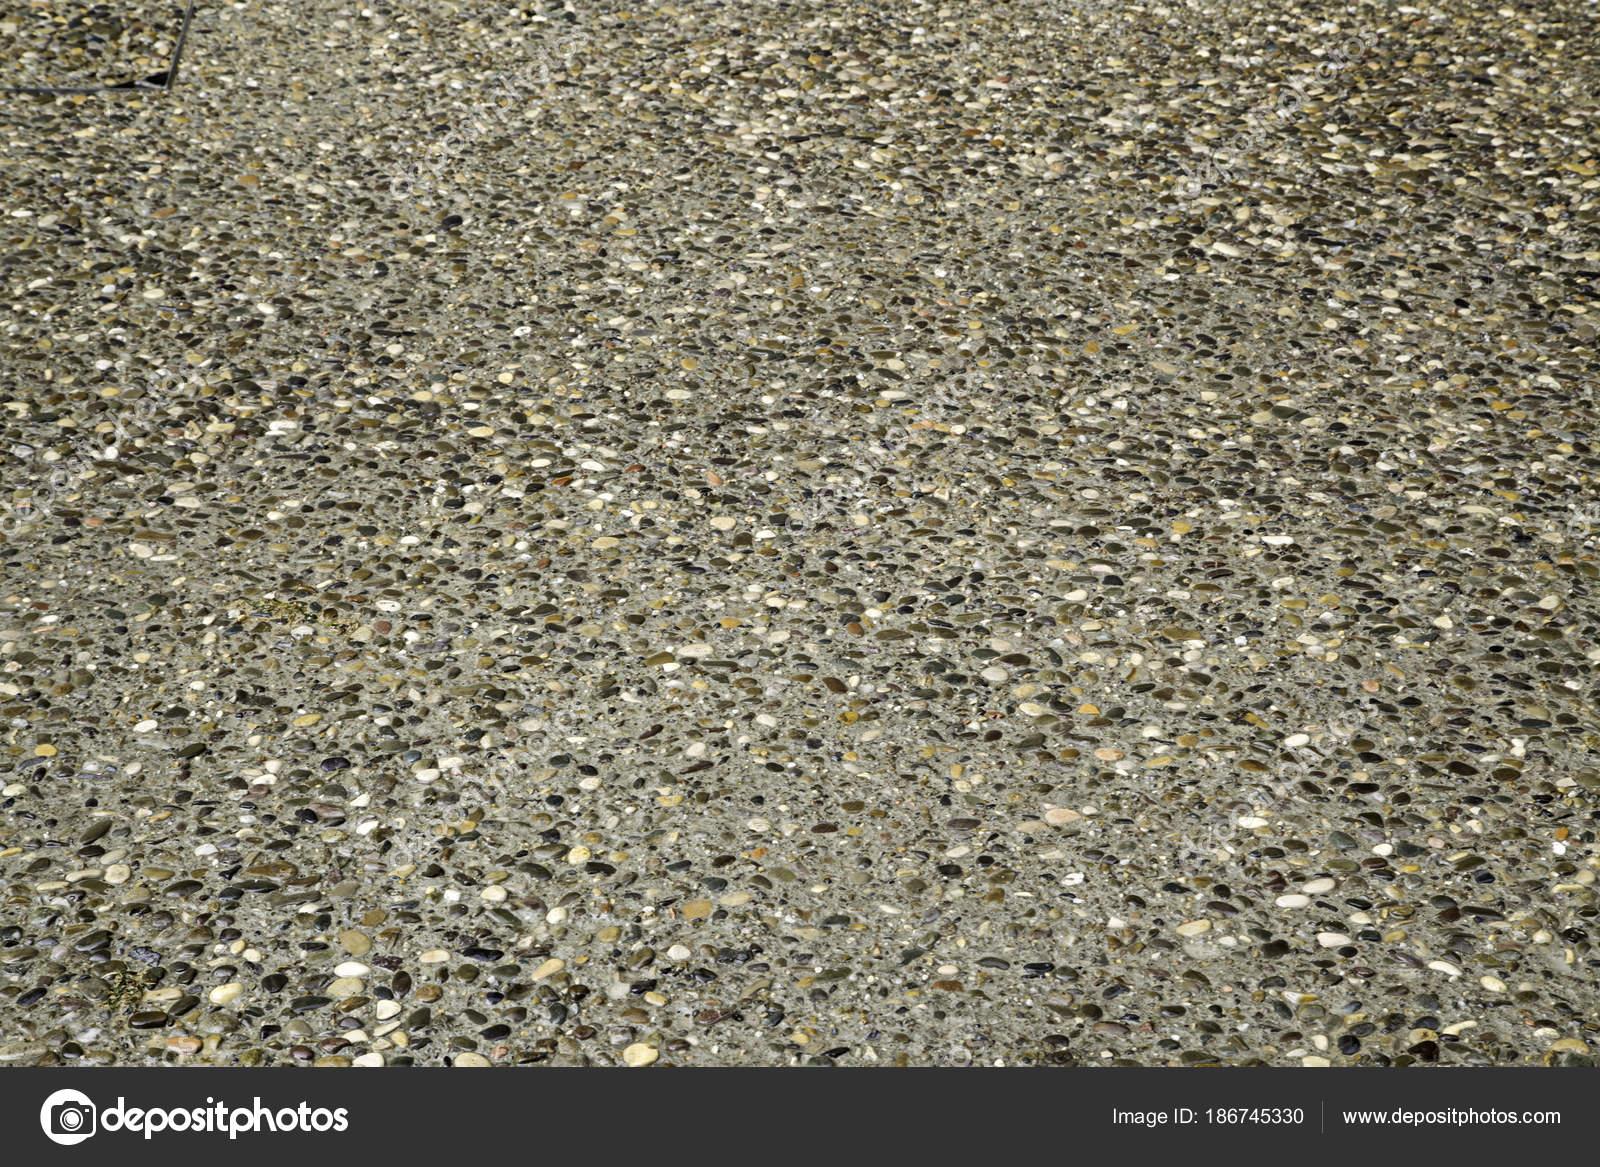 Formas de azulejo exterior Fotos de Stock celiafoto 186745330